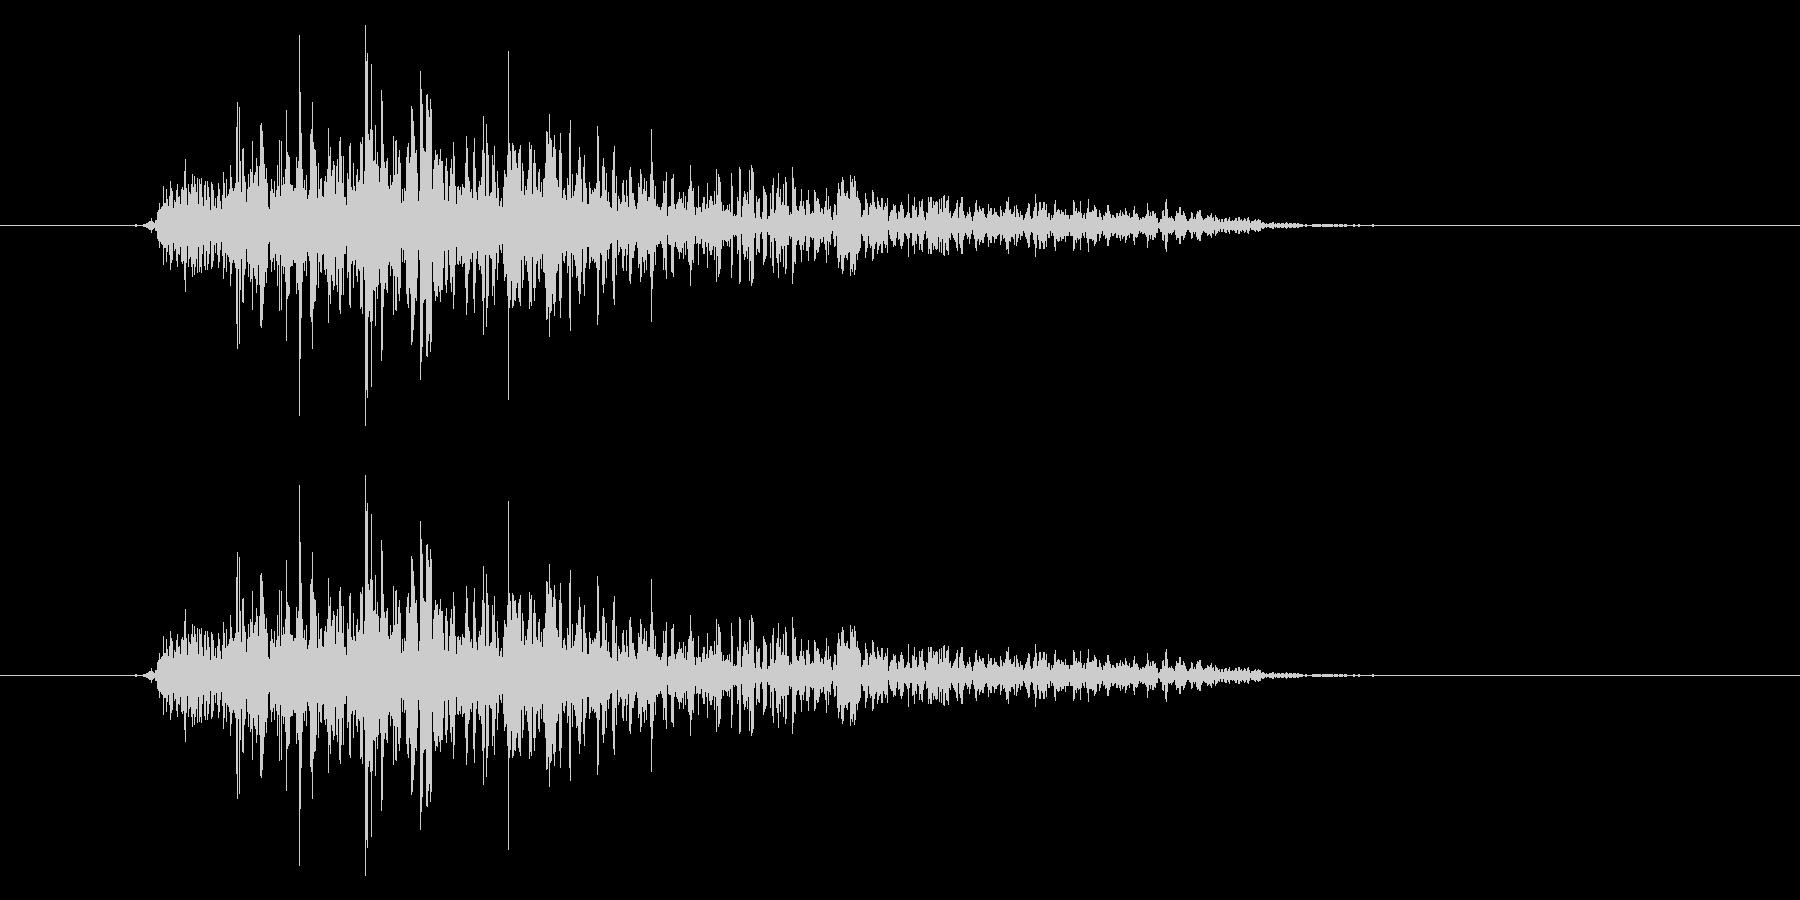 ガオー (猛獣・モンスターの鳴き声)の未再生の波形